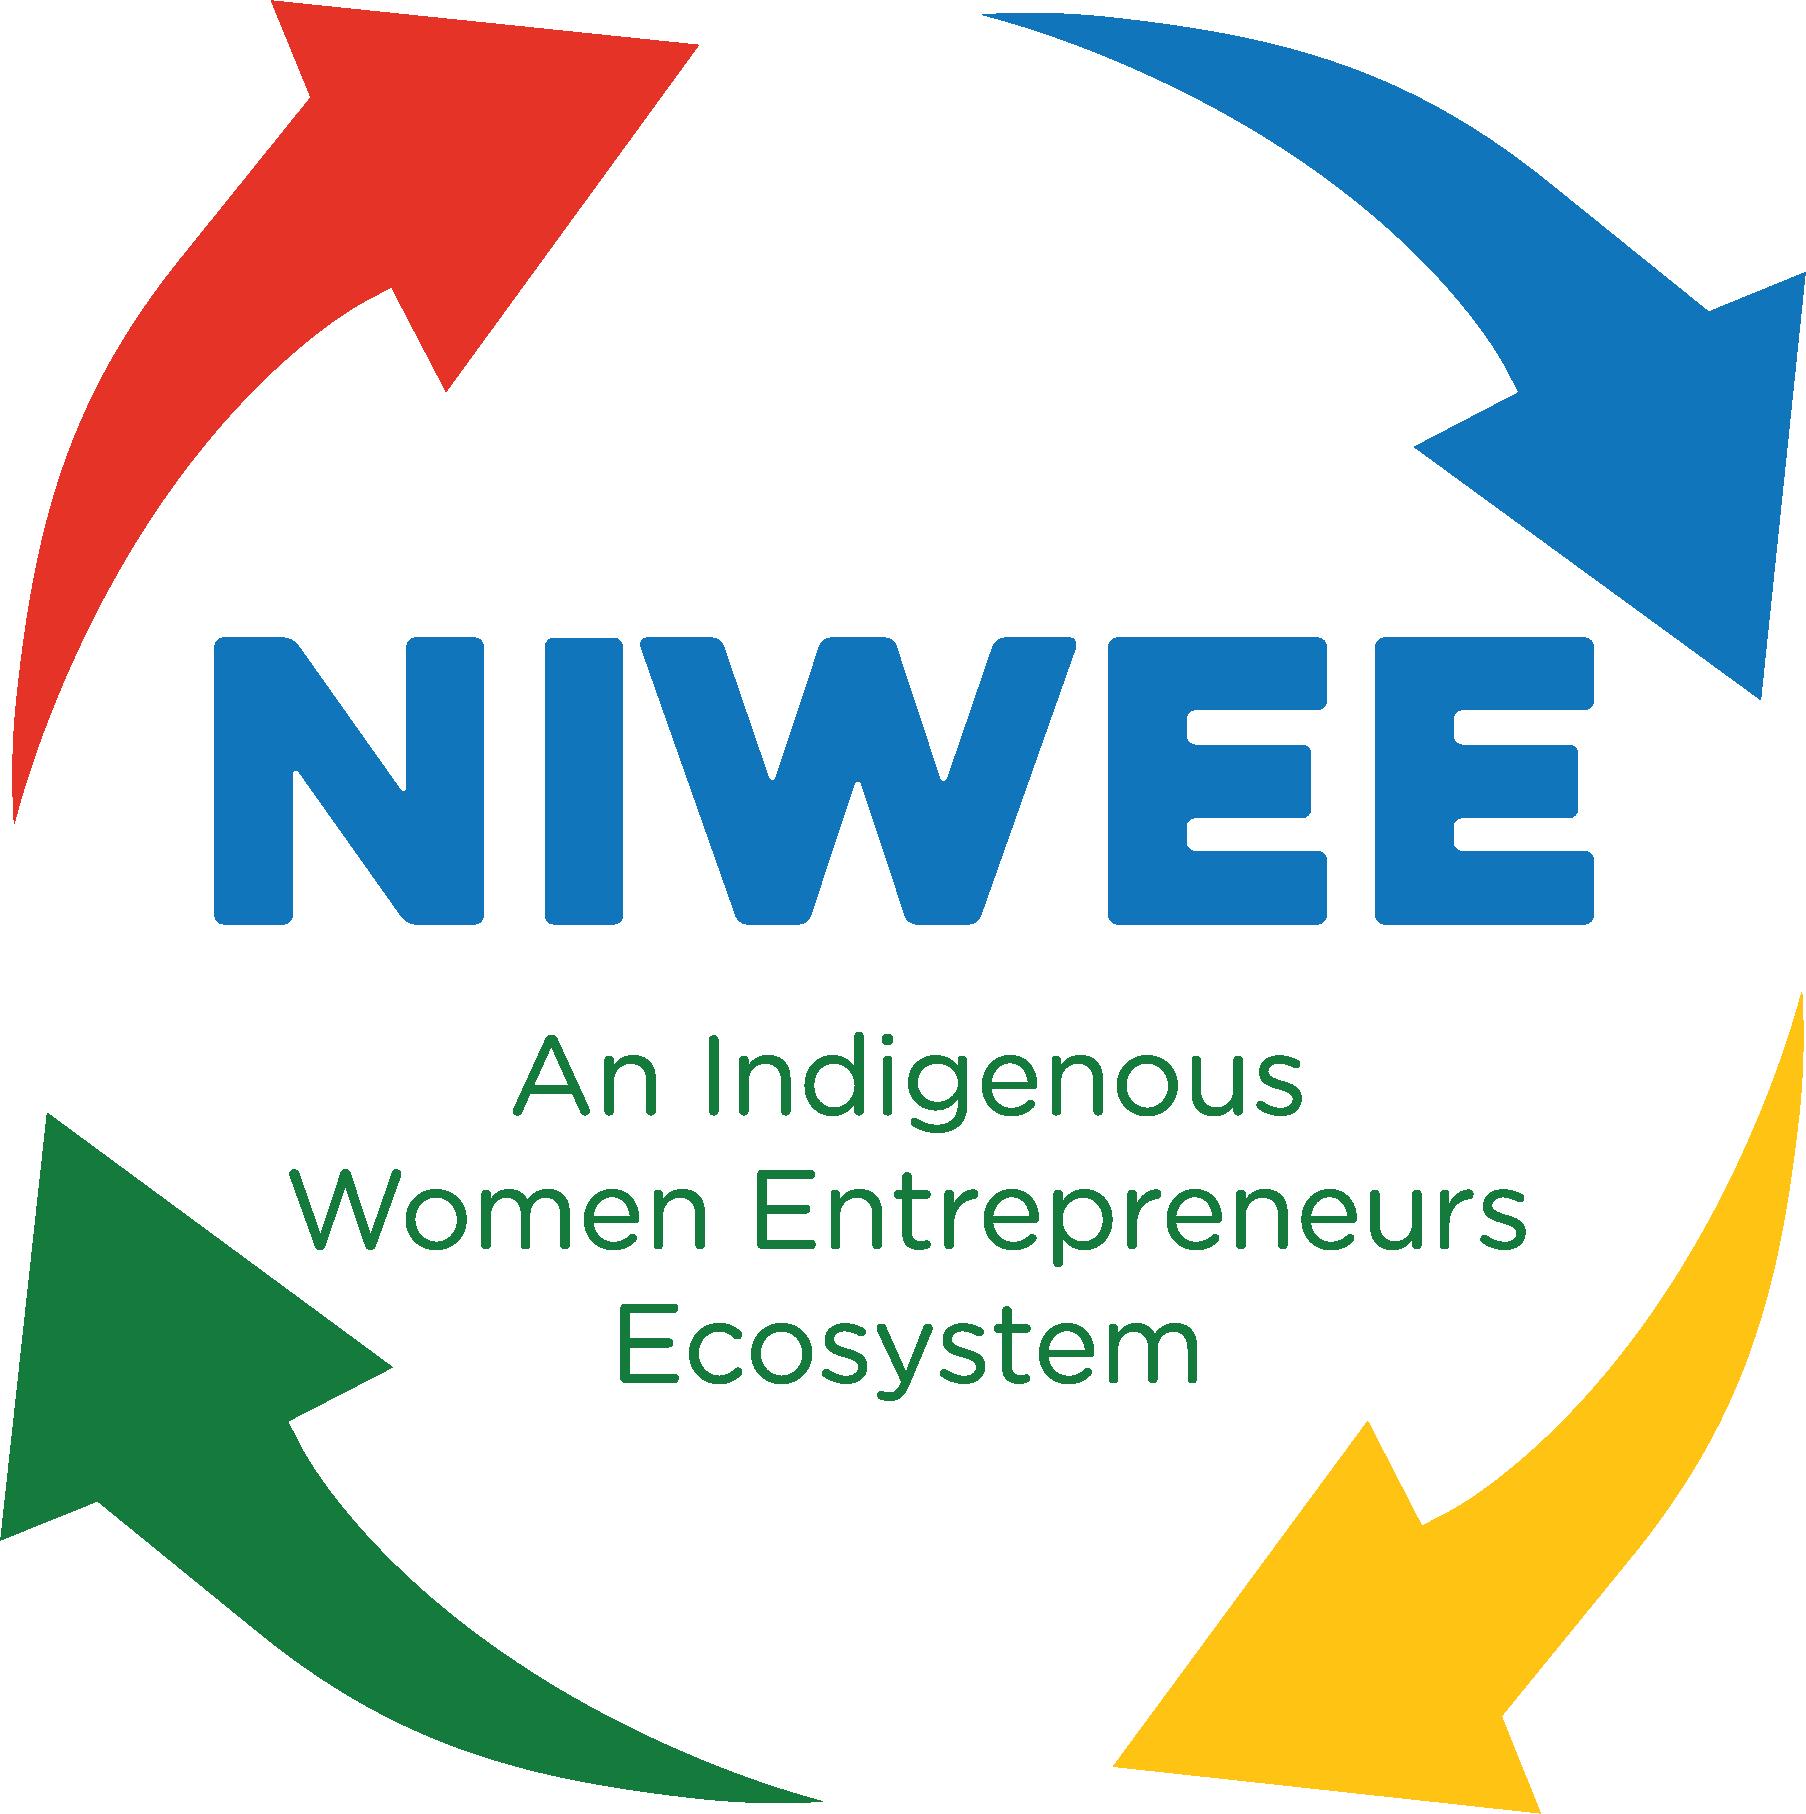 Niwee